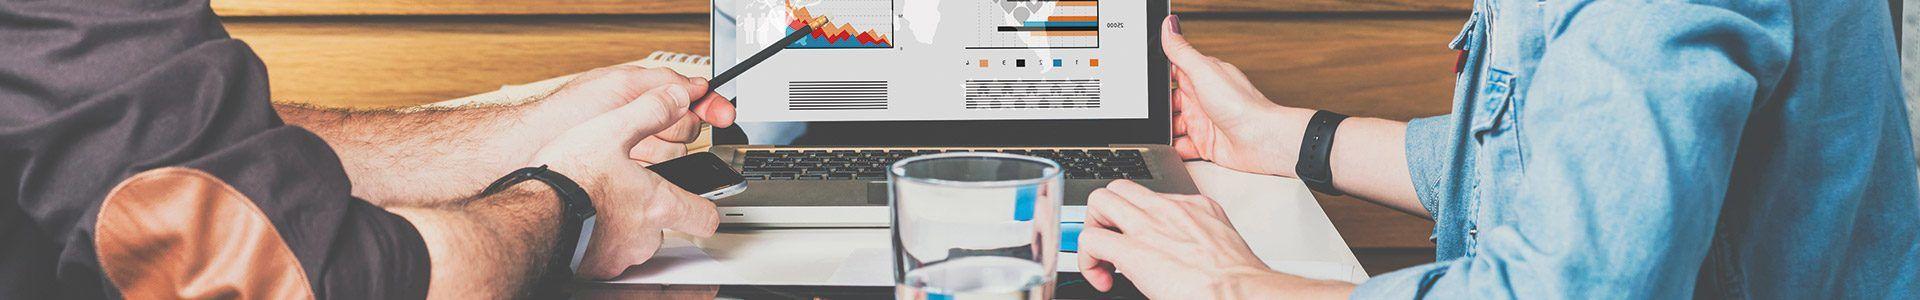 visuele (marketing)communicatie 6 tips om te communiceren met beeld